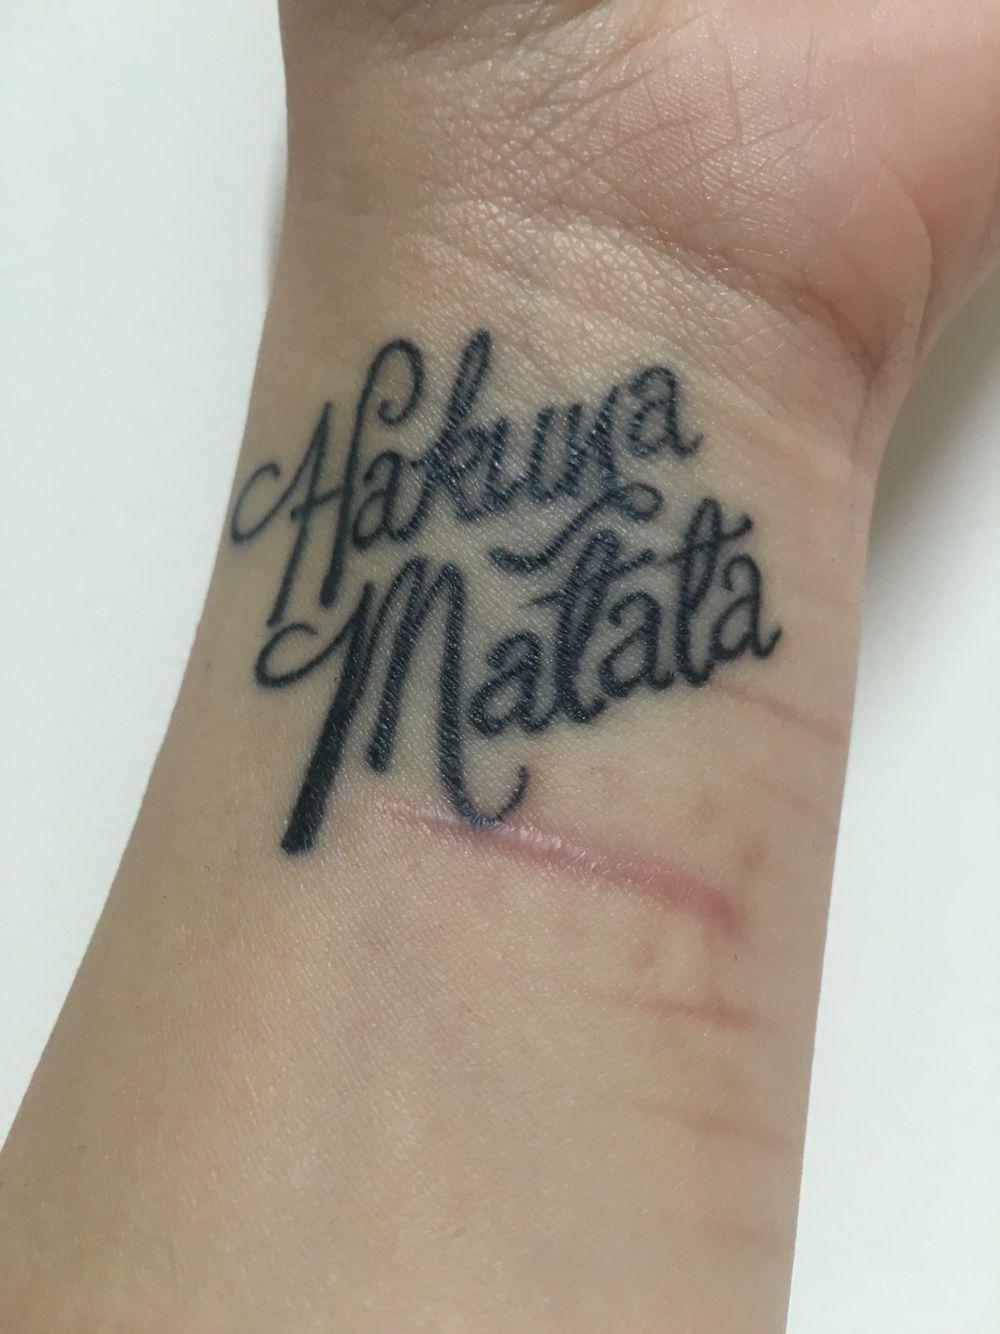 ccab25871f9 Hakuna Matata wrist tattoo | Tattoos and Piercings | Tattoos, Wrist ...